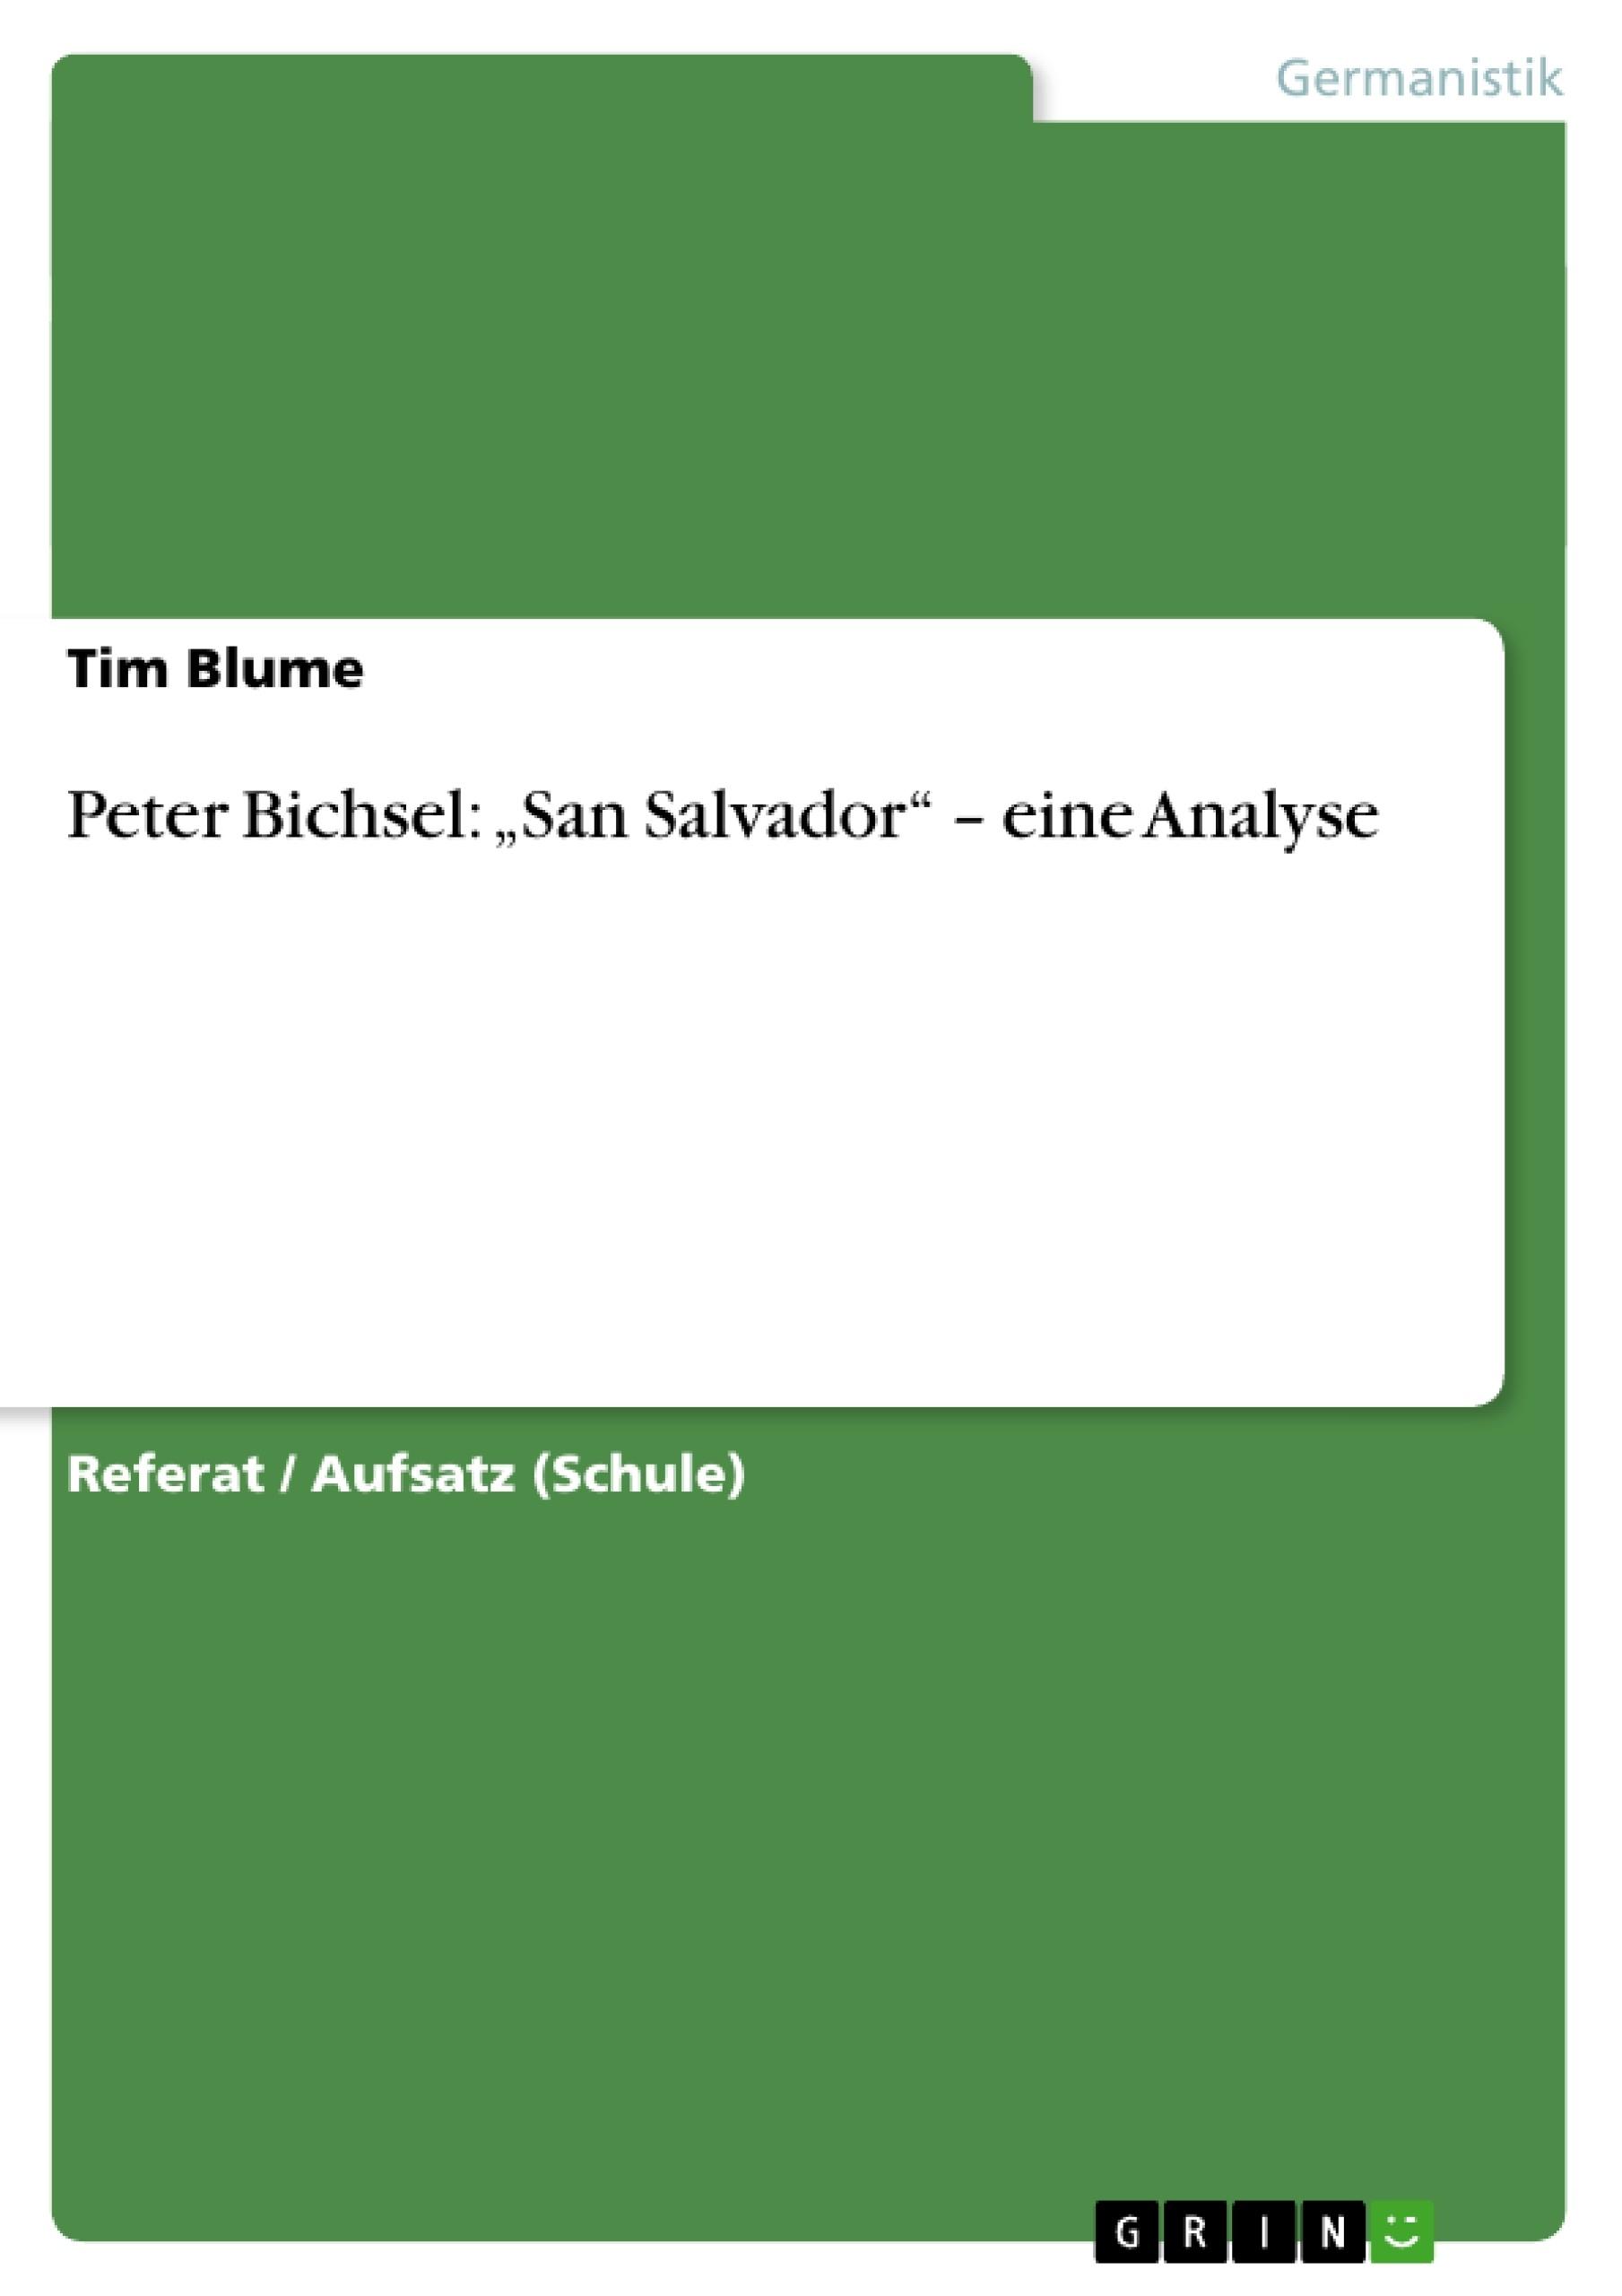 Peter Bichsel San Salvador Eine Analyse Masterarbeit